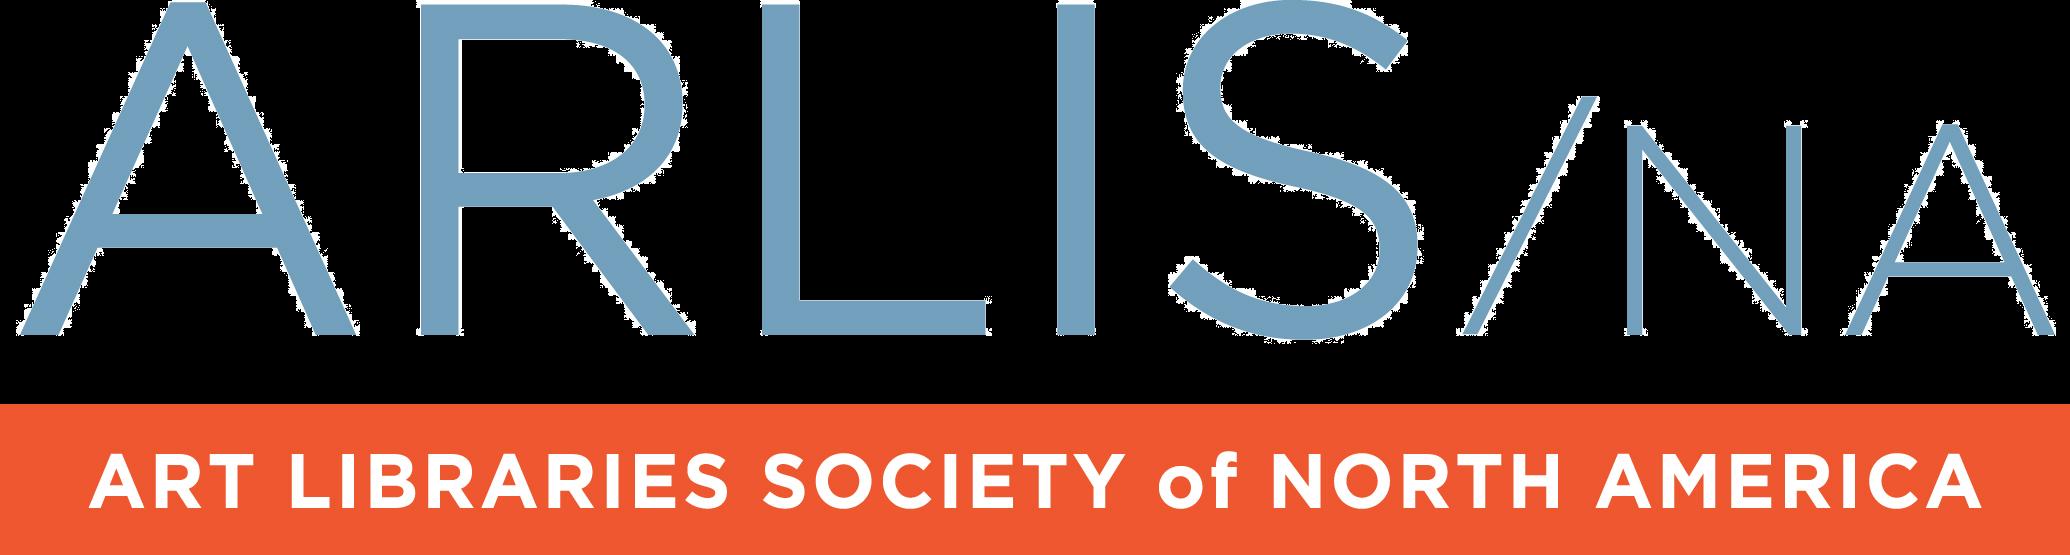 ARLIS/NA Logo